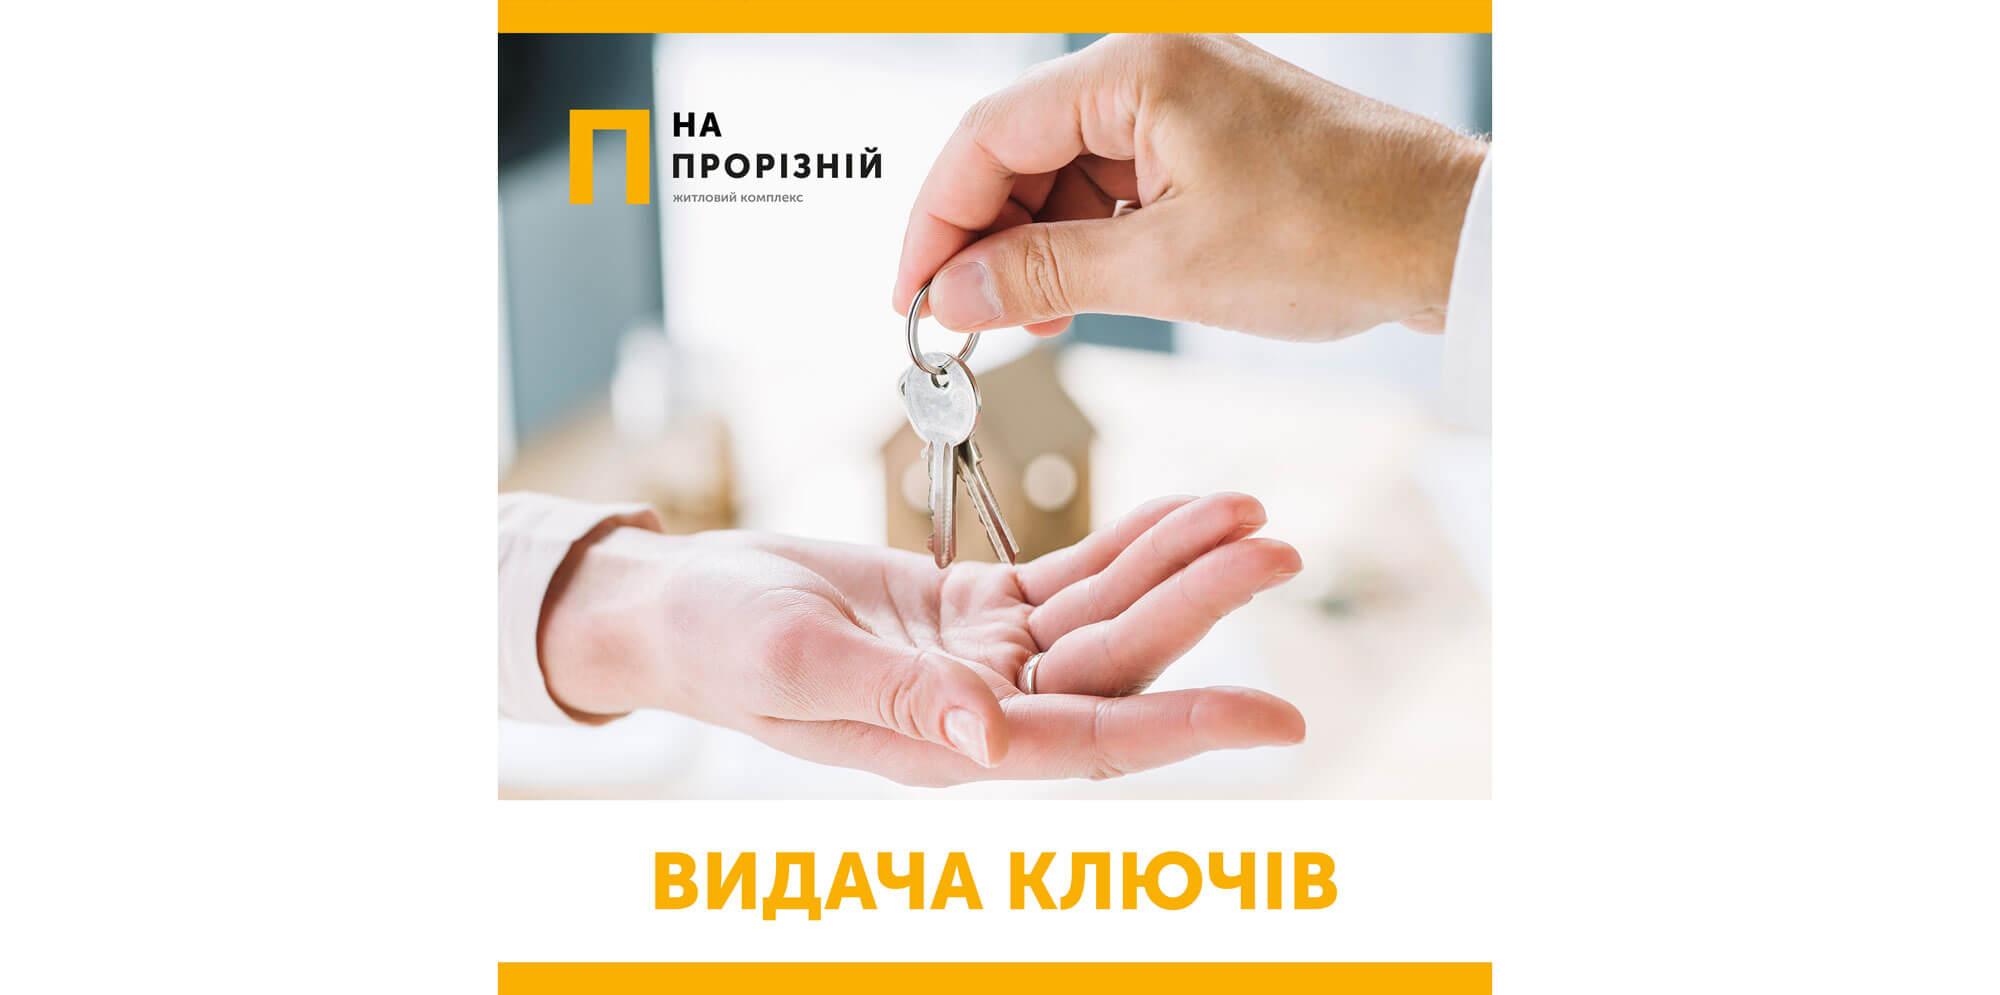 Видача ключів в житловому комплексі «На Прорізній»!